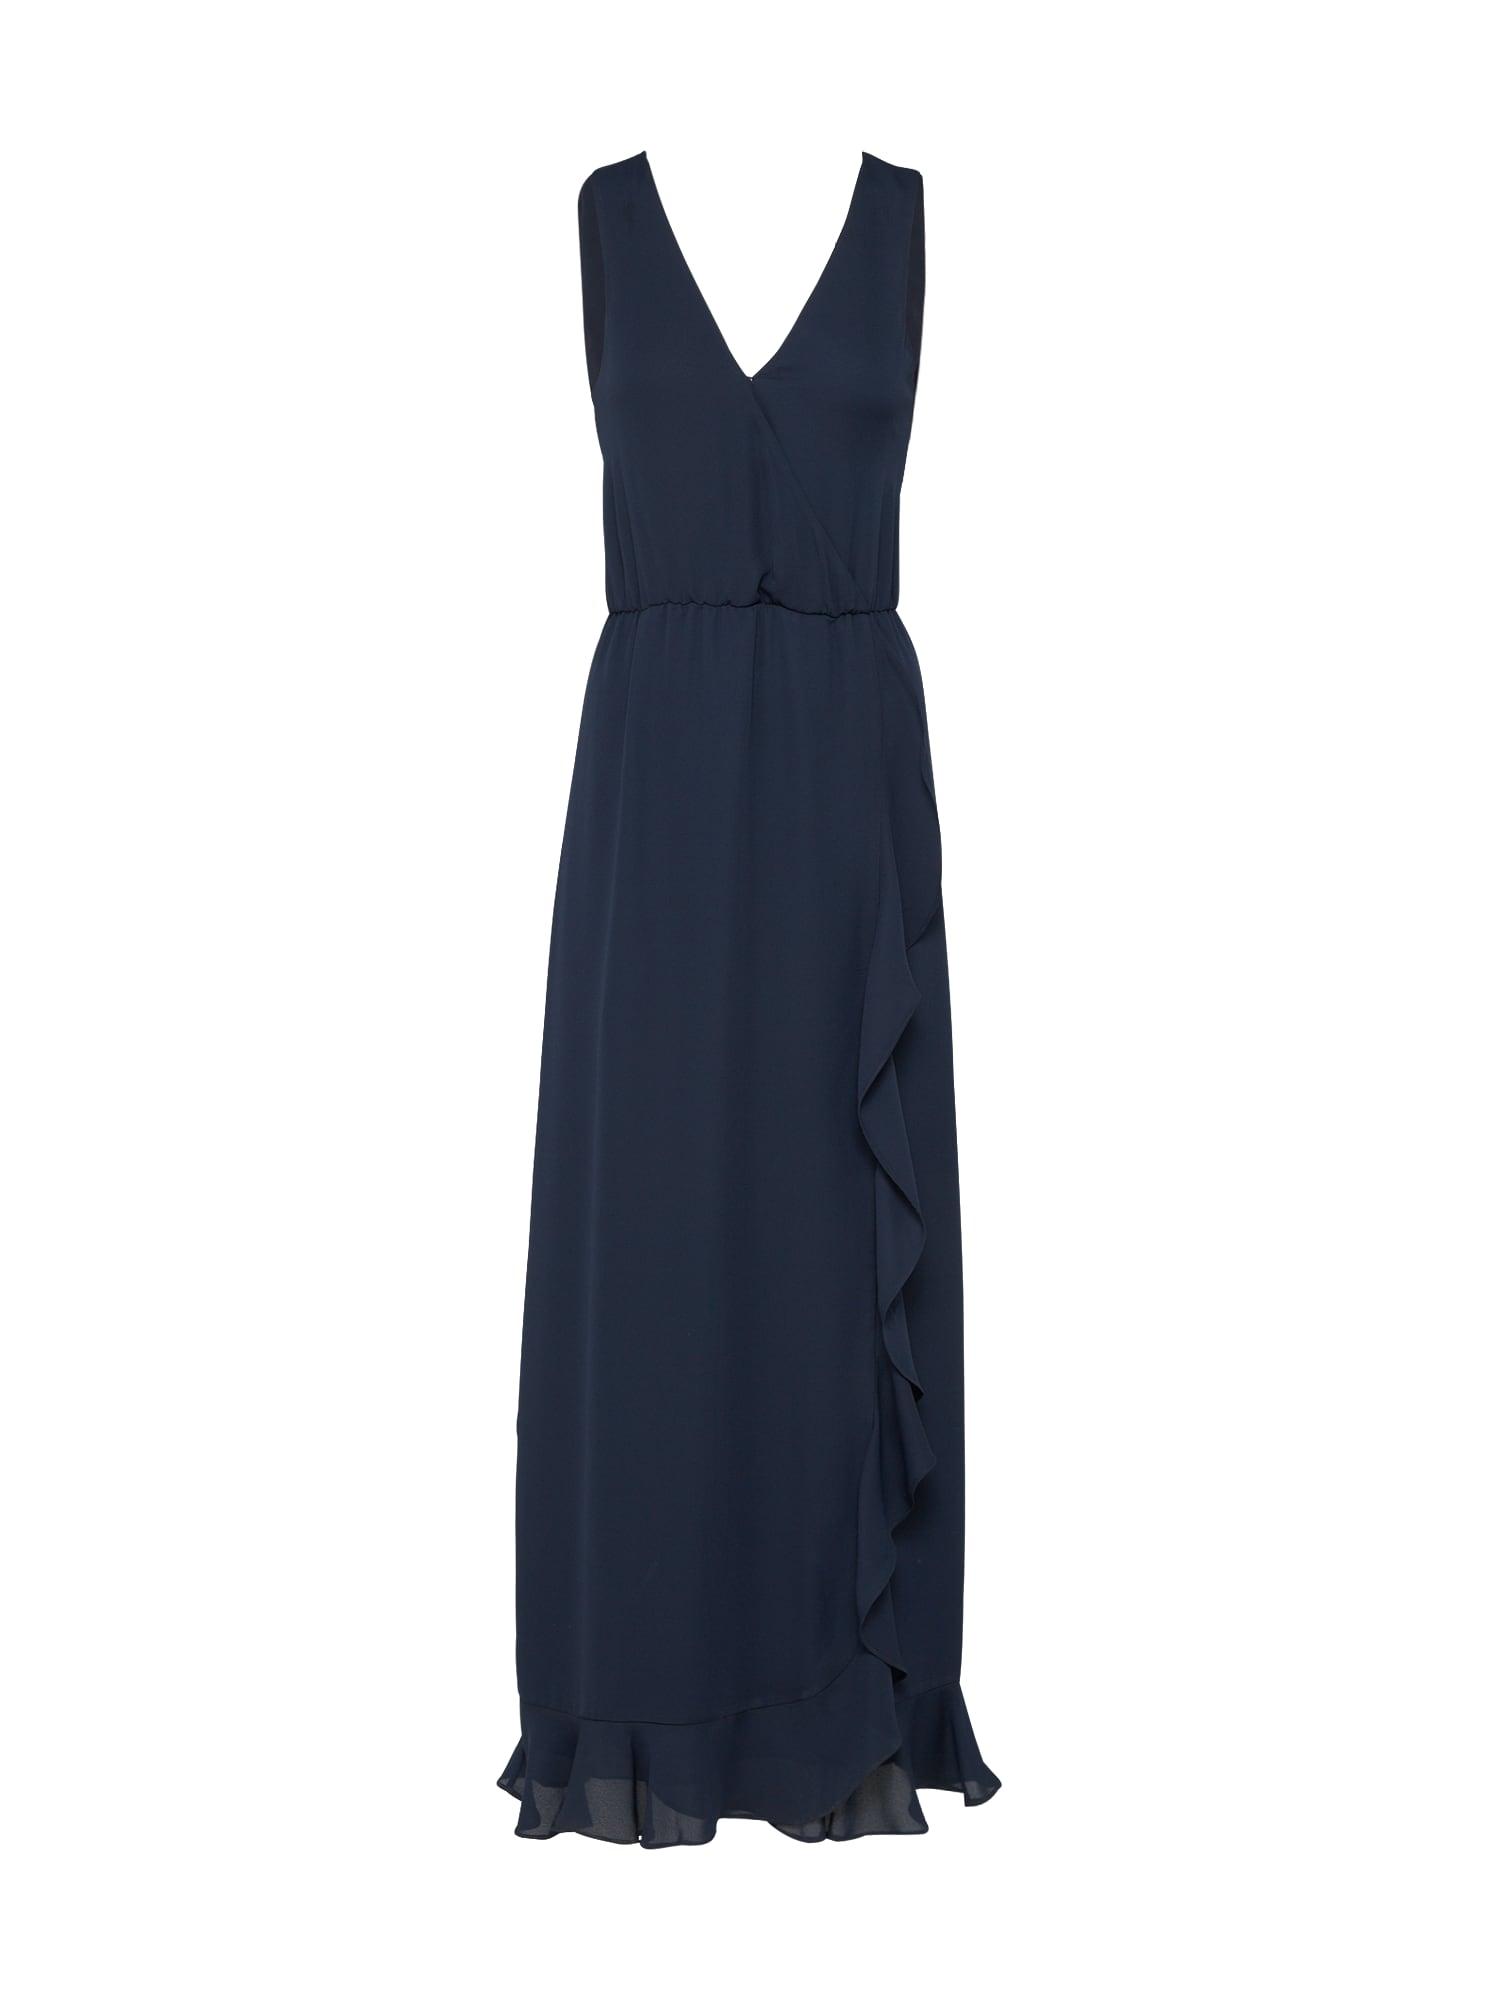 Koktejlové šaty Limon l dress 6891 noční modrá Samsoe & Samsoe